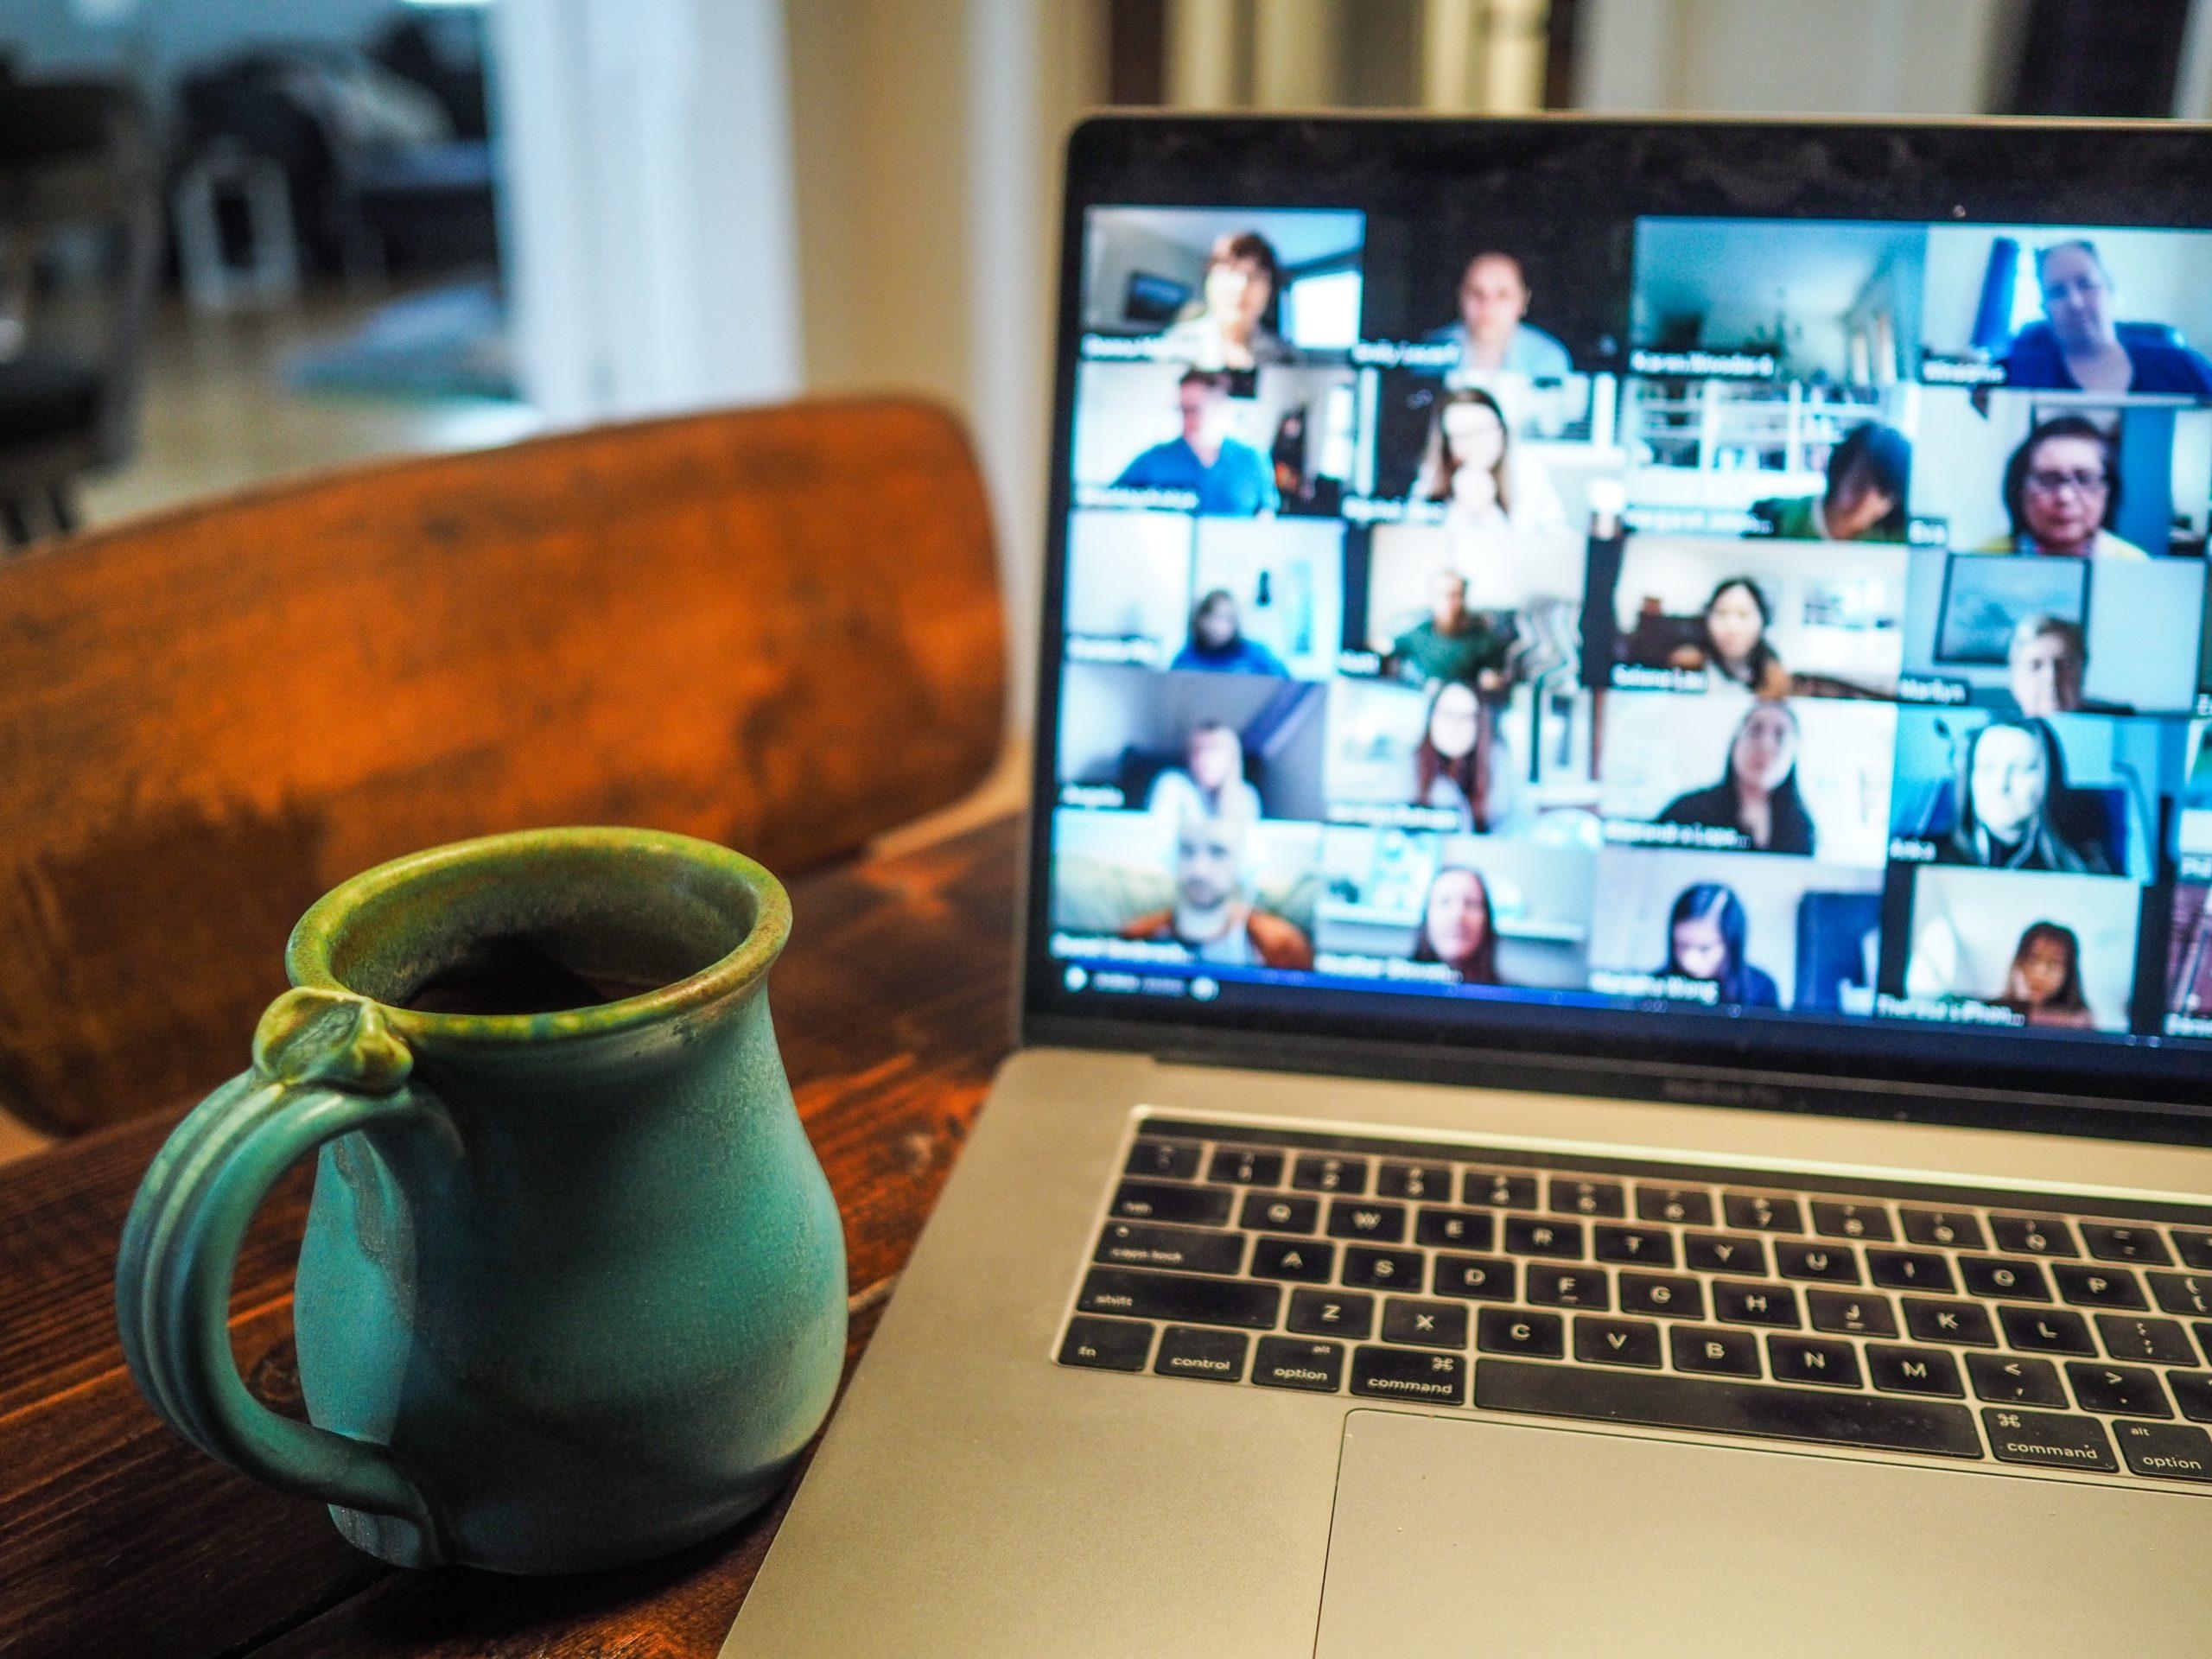 桌上放著一部筆記本電腦正在開視訊會議